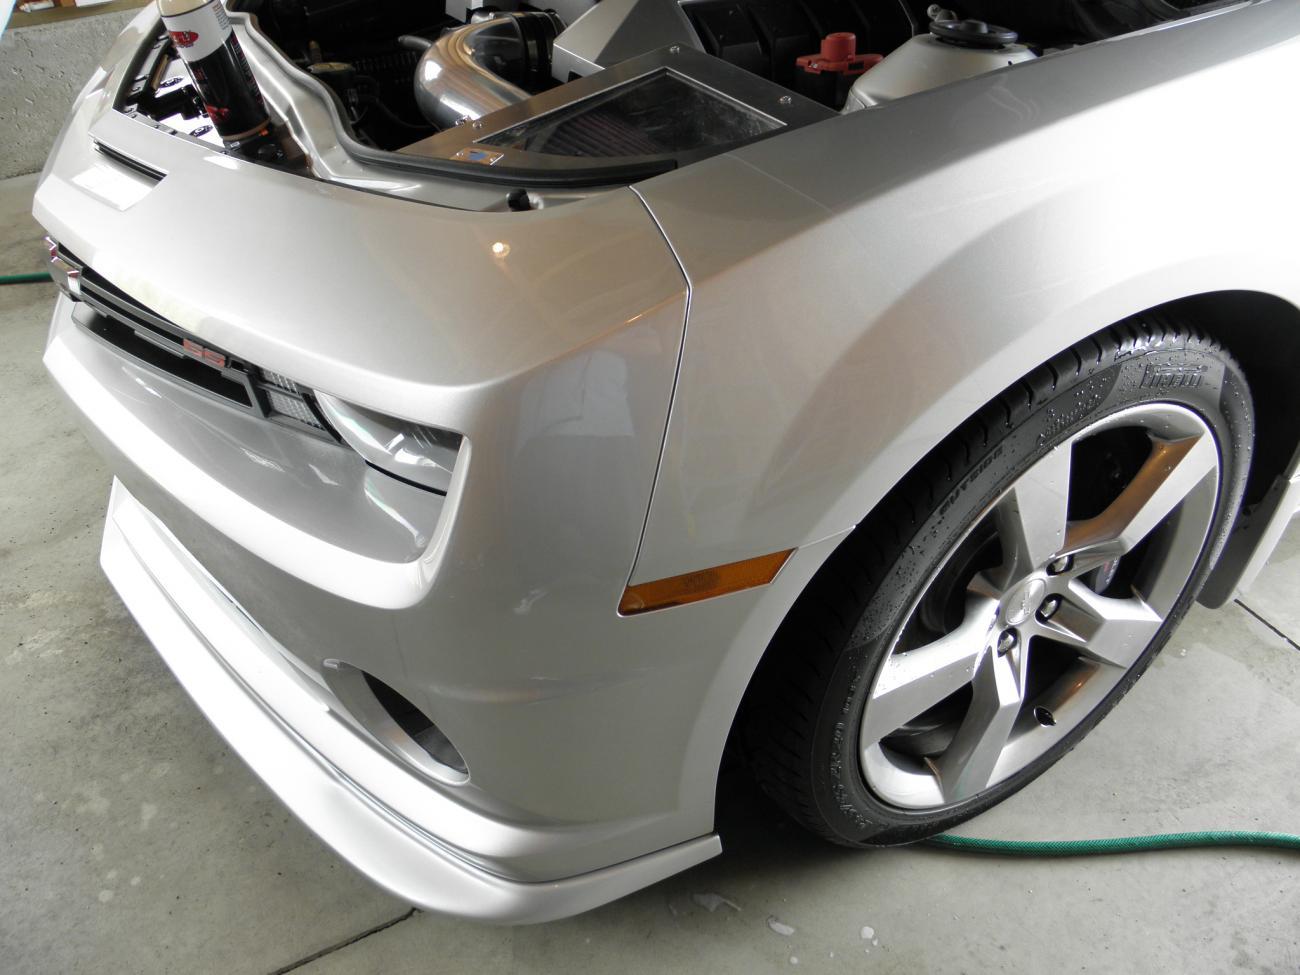 Aftermarket Rear Fascia For 2011 Camaro | Autos Post